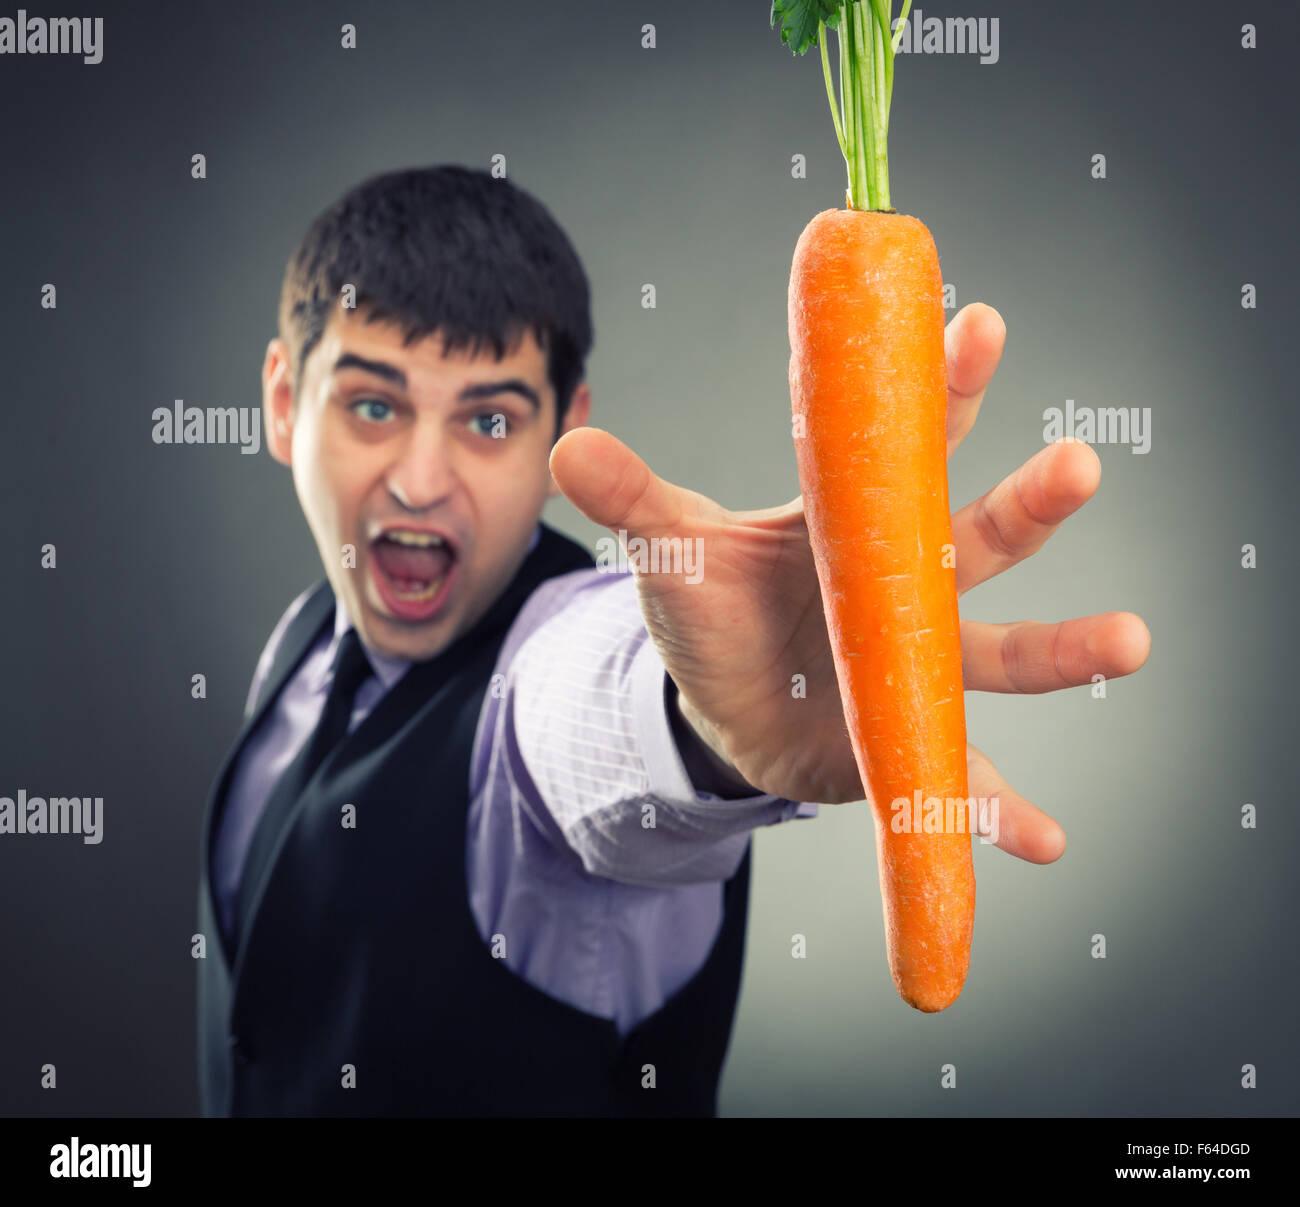 Mann, der versucht, frischen Karotten zu erreichen Stockbild